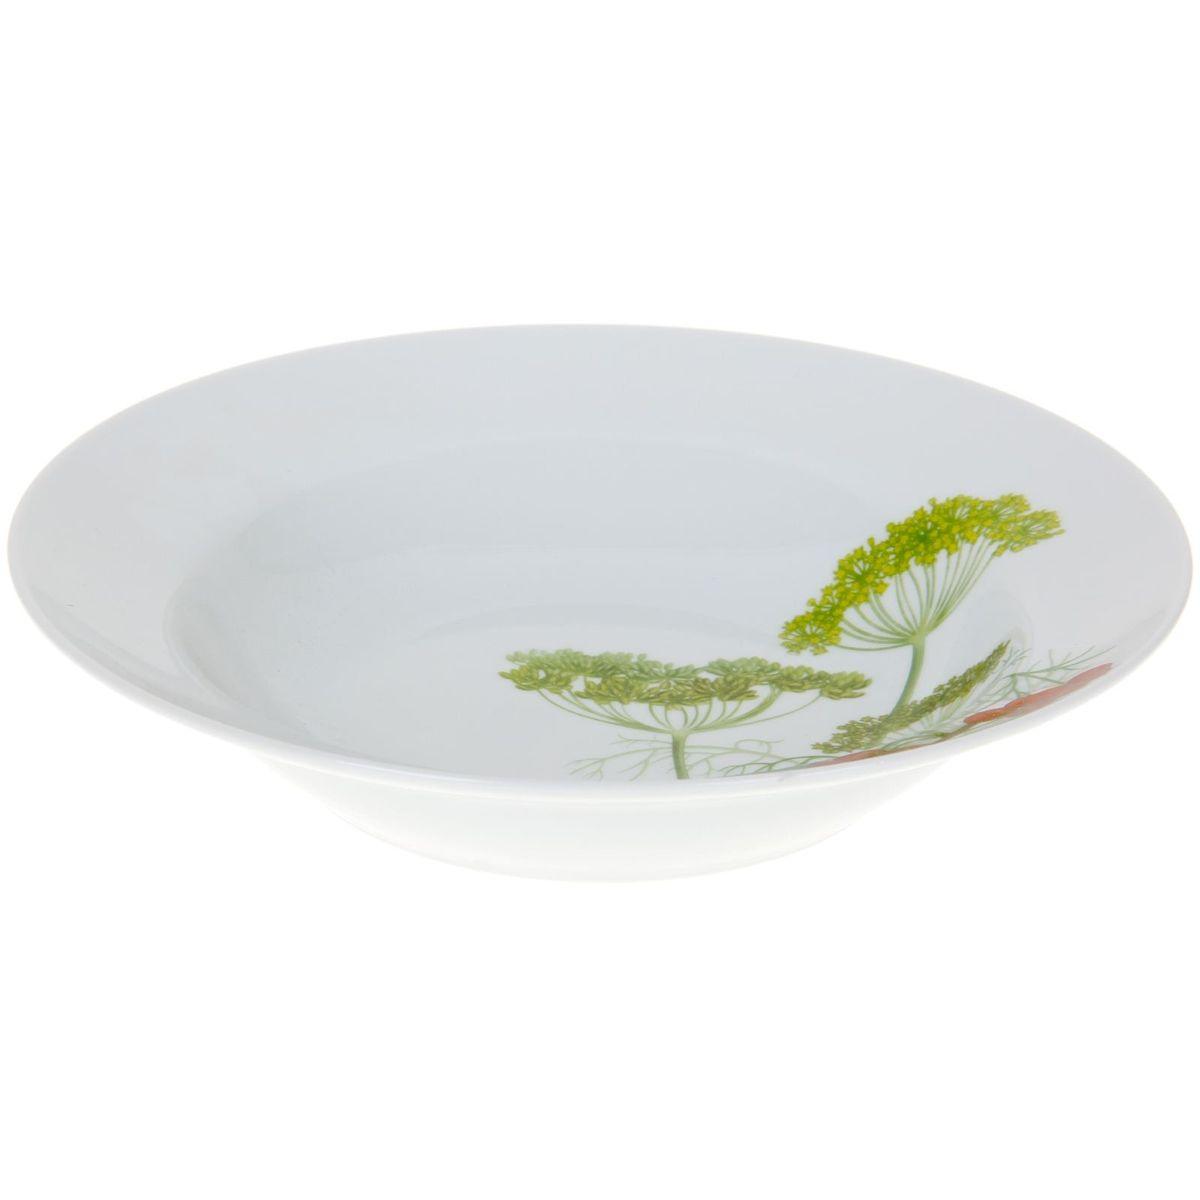 Тарелка глубокая Идиллия. Садочек, диаметр 24 см54 009312Глубокая тарелка Идиллия. Садочек выполнена из высококачественного фарфора и украшена ярким рисунком. Она прекрасно впишется в интерьер вашей кухни и станет достойным дополнением к кухонному инвентарю. Тарелка Идиллия. Садочек подчеркнет прекрасный вкус хозяйки и станет отличным подарком.